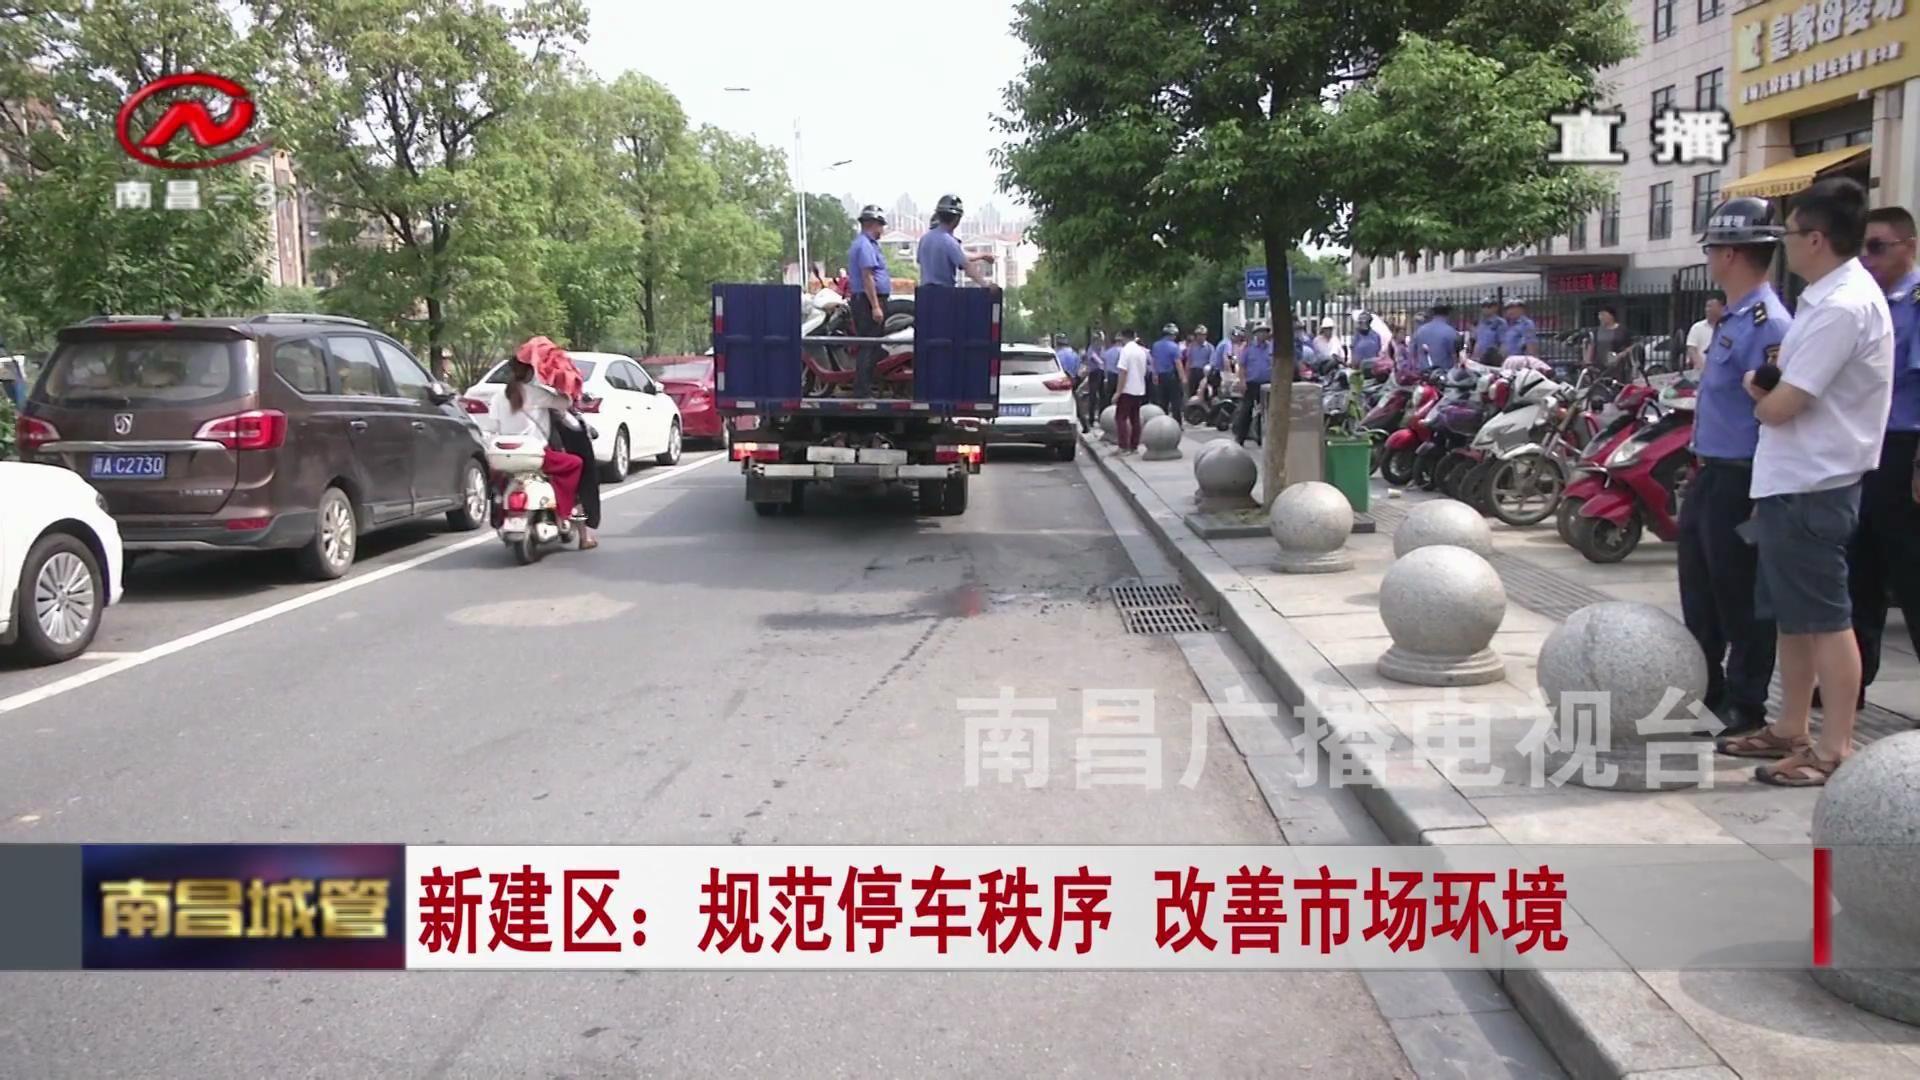 【城管新闻】新建区:规范停车秩序 改善市场环境